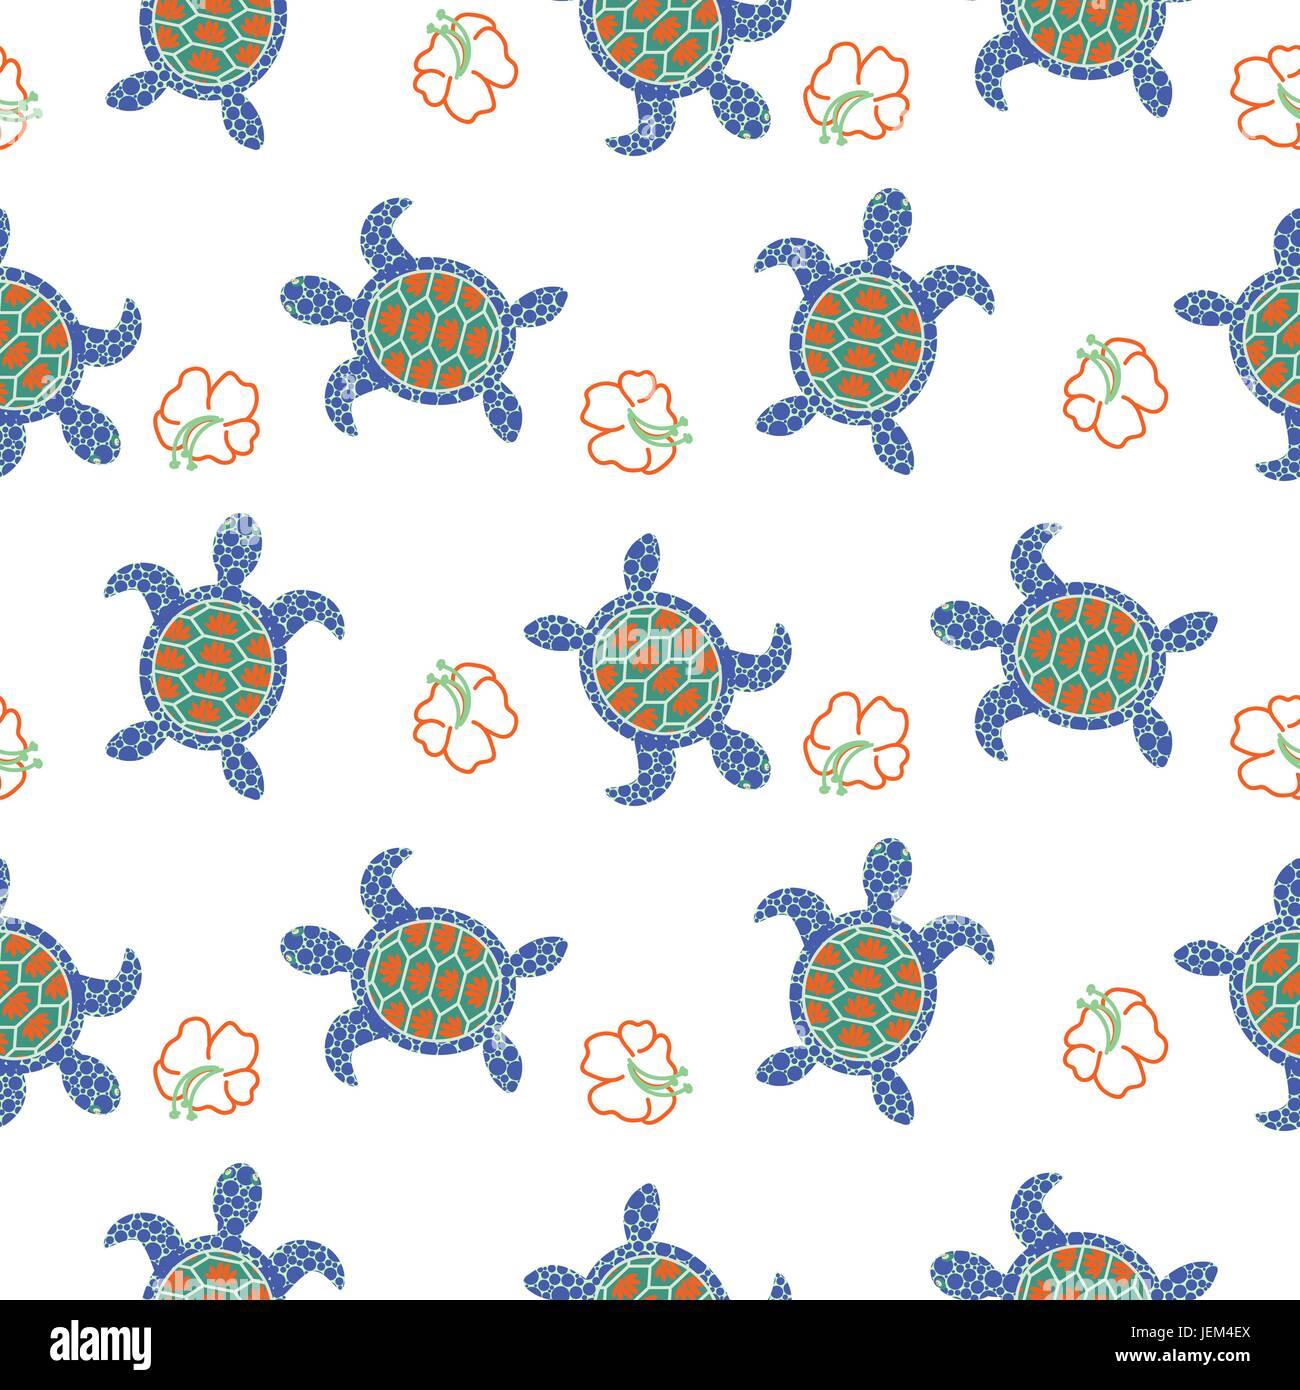 Tortuga sin costuras decorativas de patrón de vectores. El azul y el ...